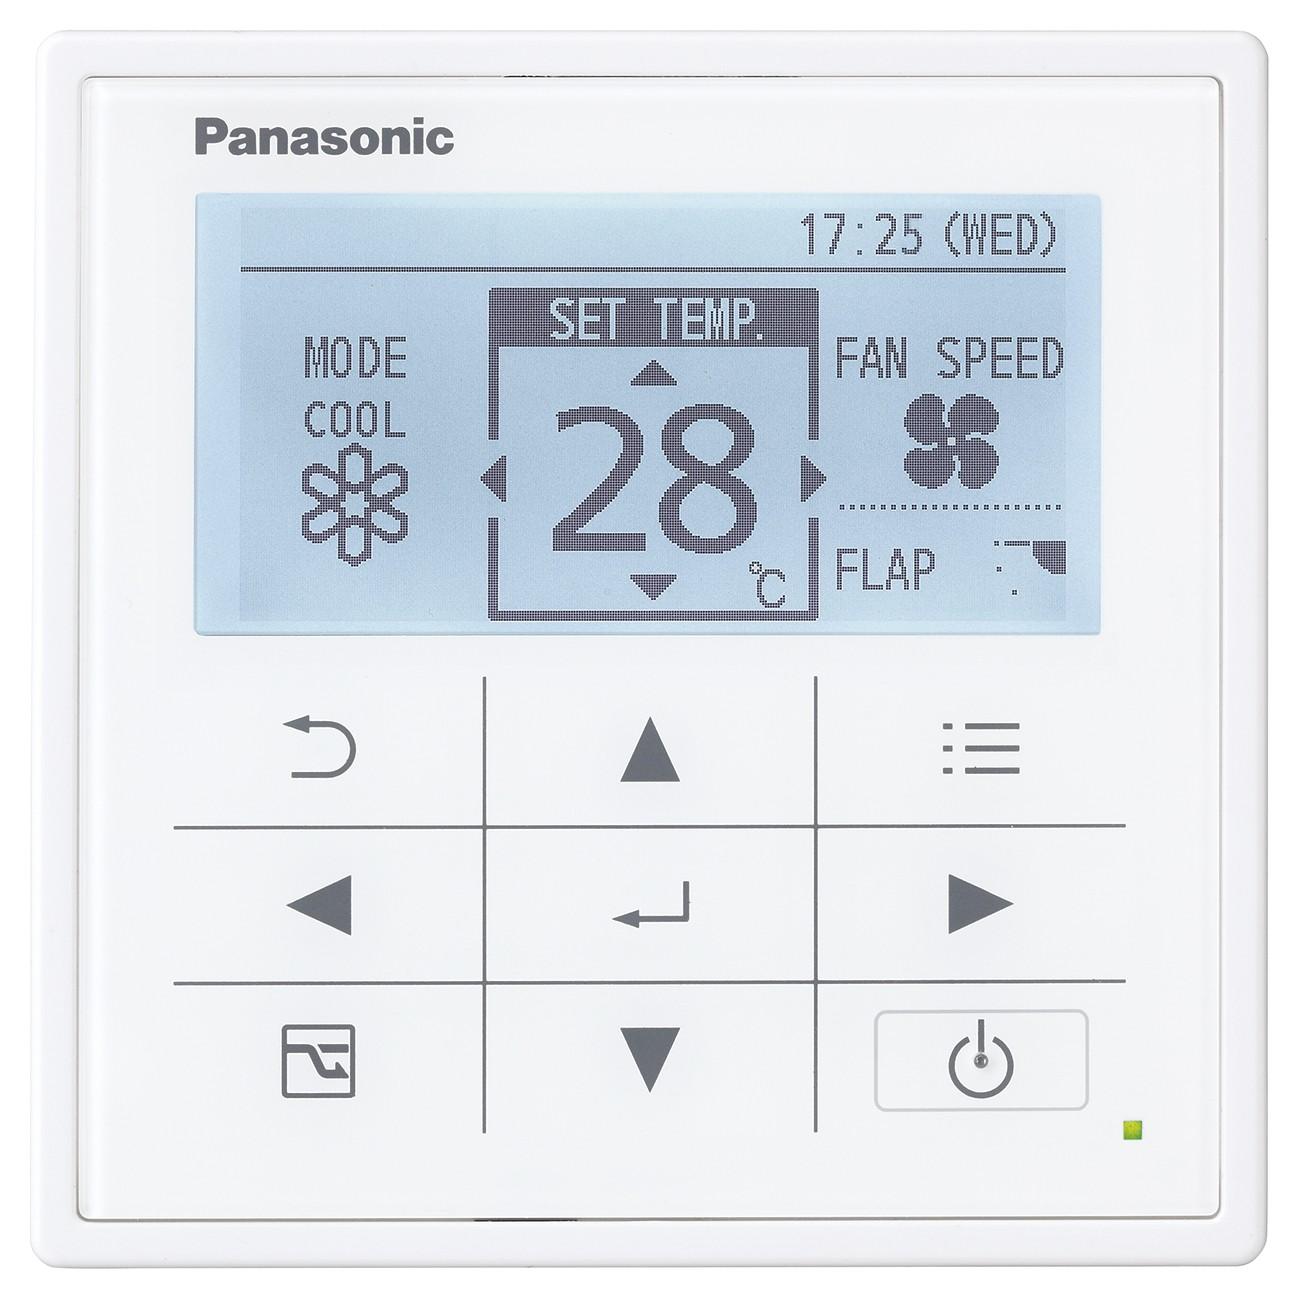 Panasonic inverteres klíma használati útmutató